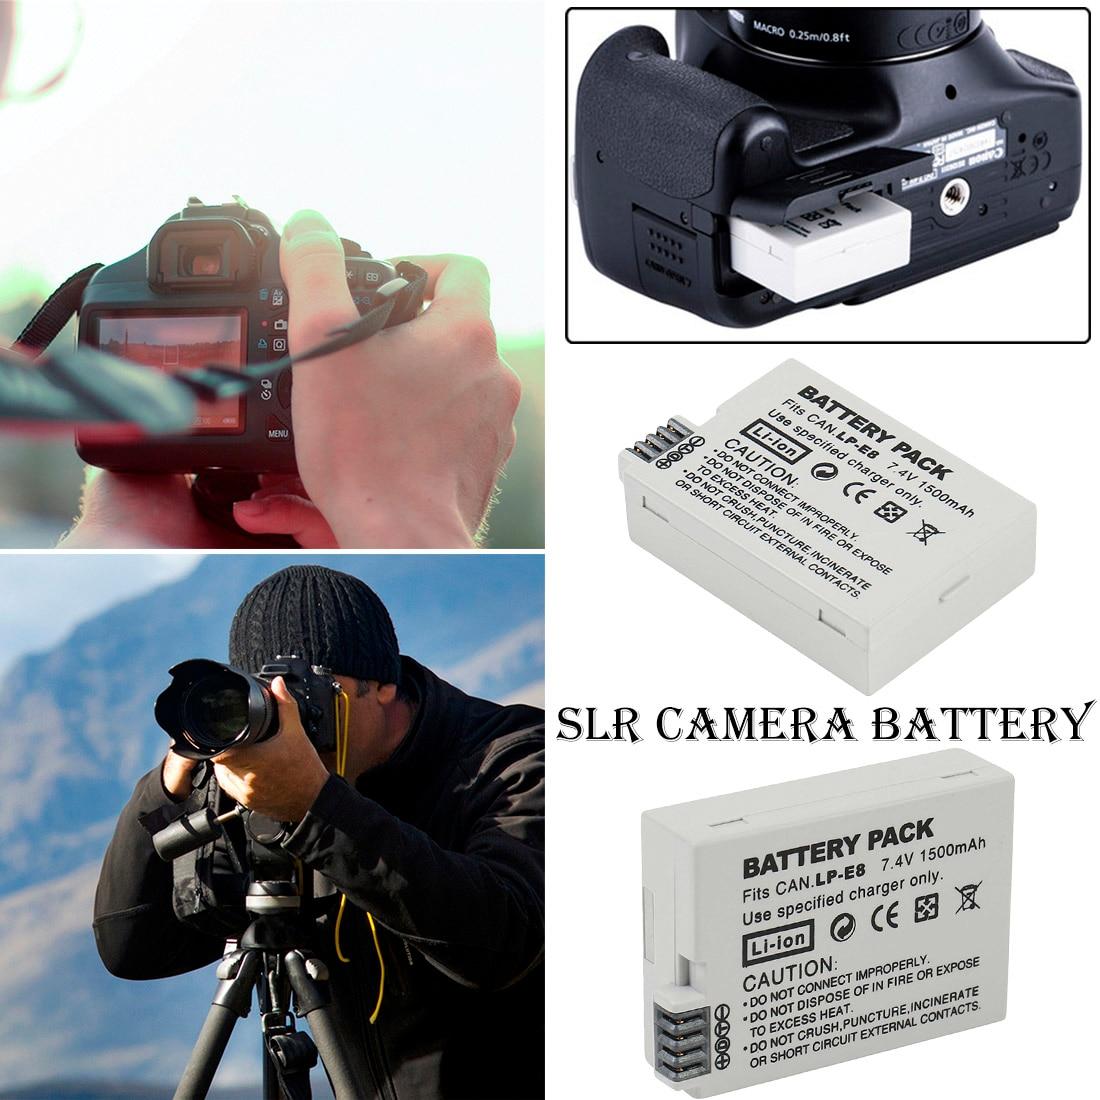 1Pcs 7.4V 1500mah LP-E8 LP E8 LPE8 Digital Camera Battery For Canon EOS 600D 650D 550D 700D T4i T5i Rebel T2i DSLR Camera 1Pcs 7.4V 1500mah LP-E8 LP E8 LPE8 Digital Camera Battery For Canon EOS 600D 650D 550D 700D T4i T5i Rebel T2i DSLR Camera